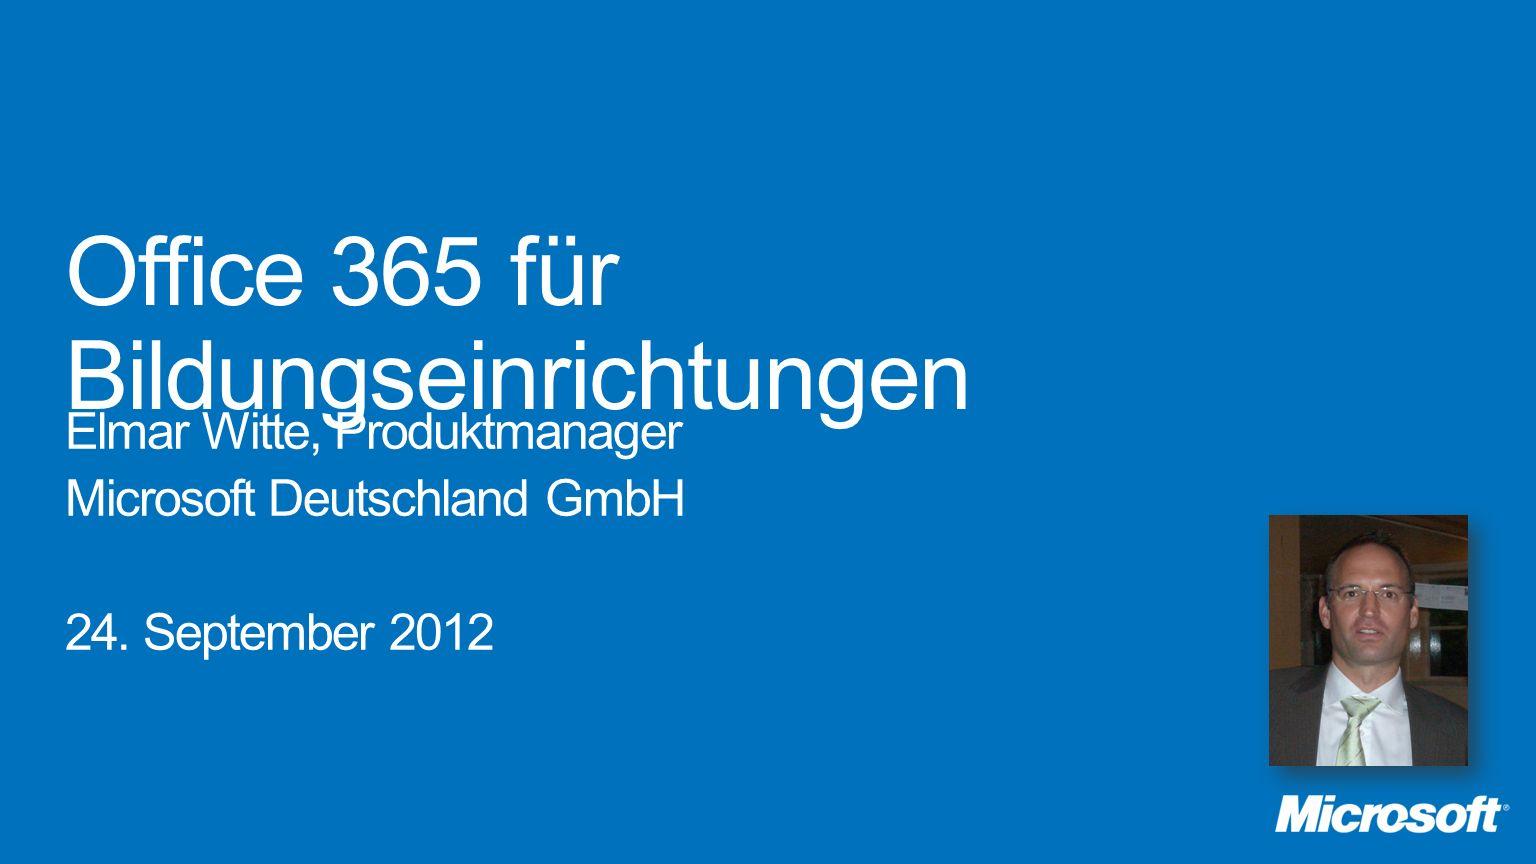 Office 365 für Bildungseinrichtungen